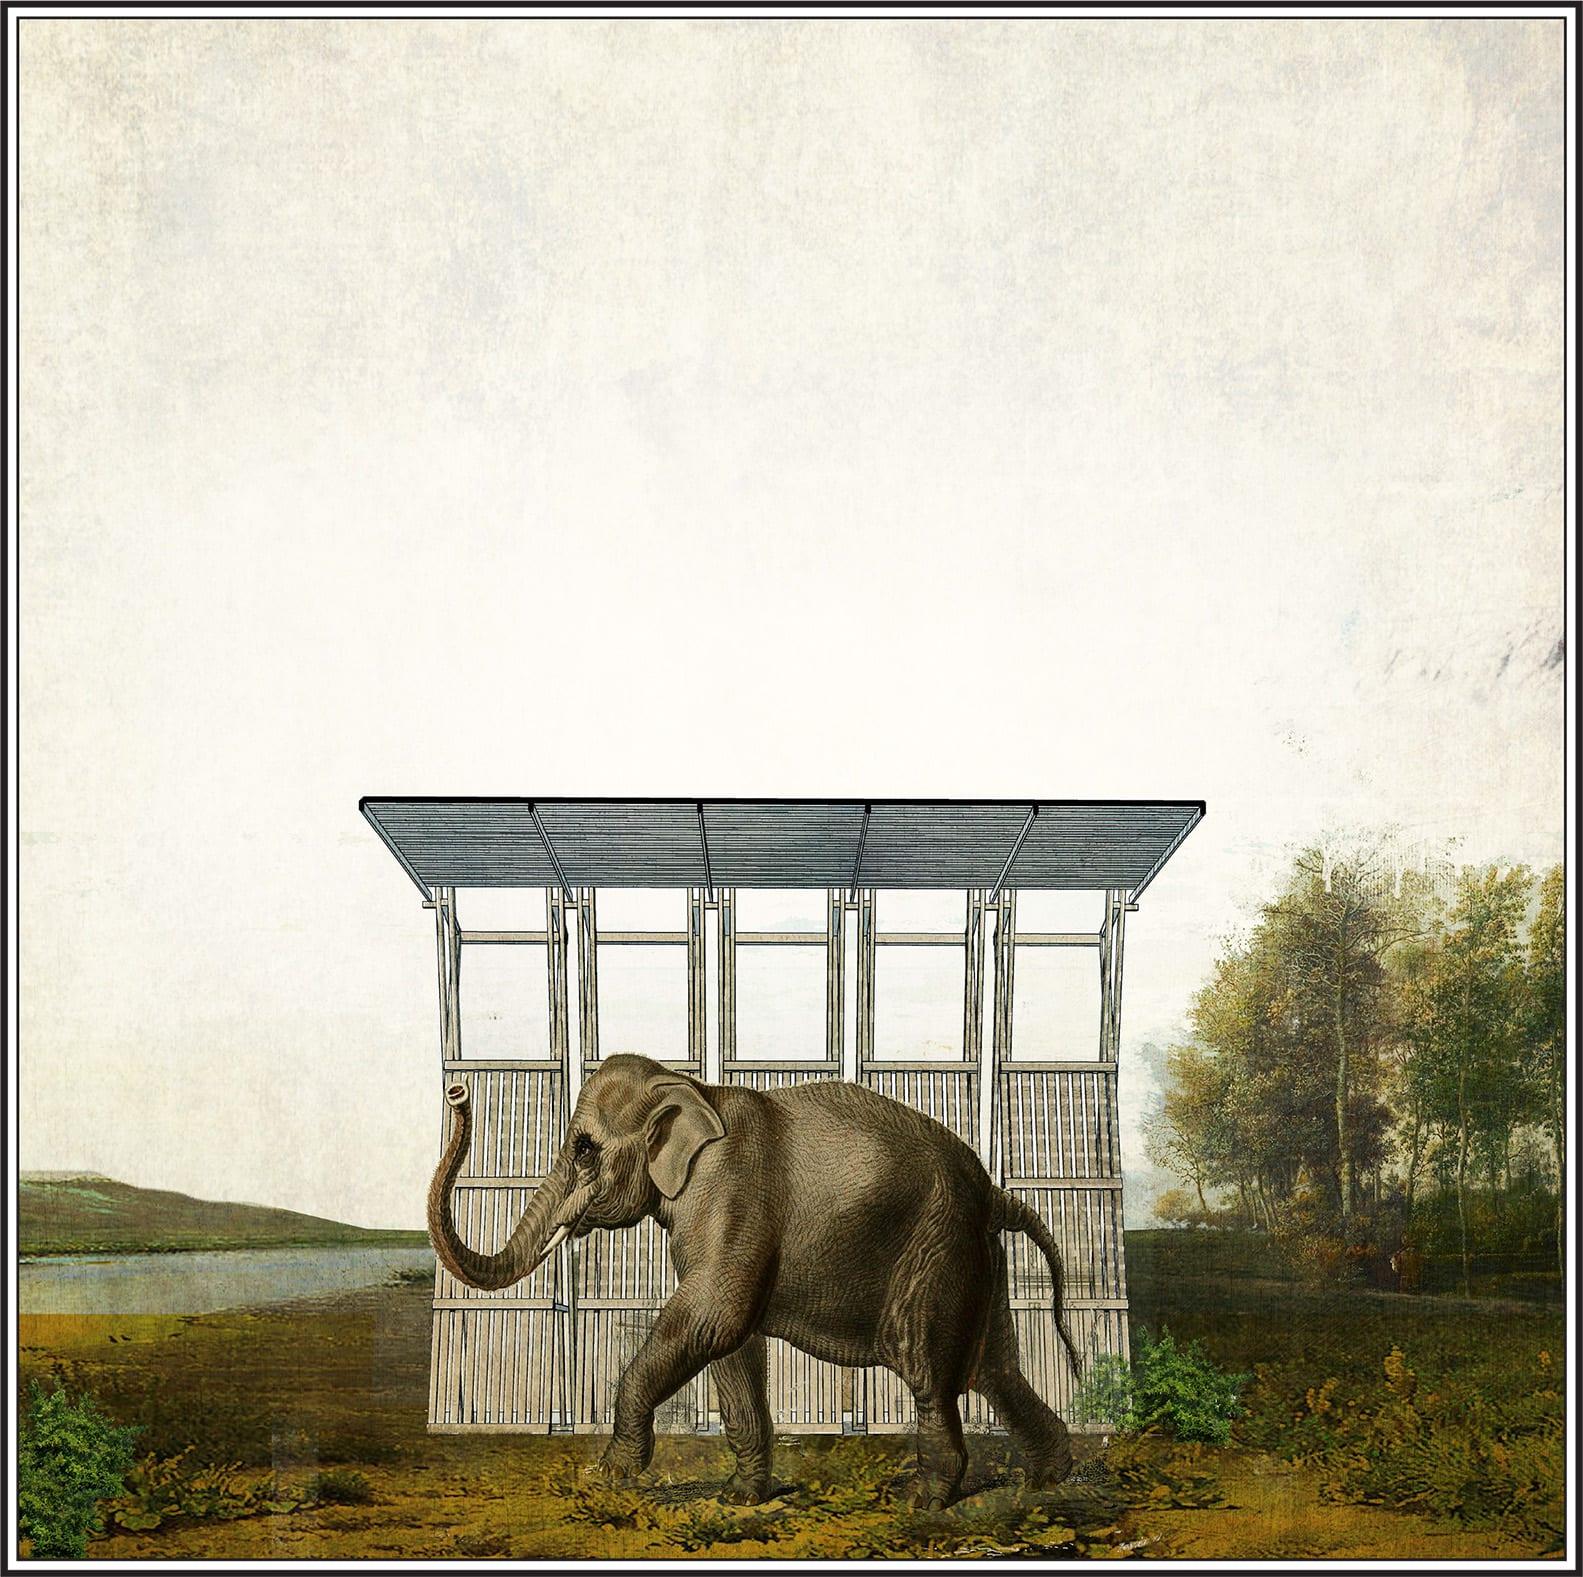 Marco Giovinazzo · A viagem do Elefante — a modular cabin